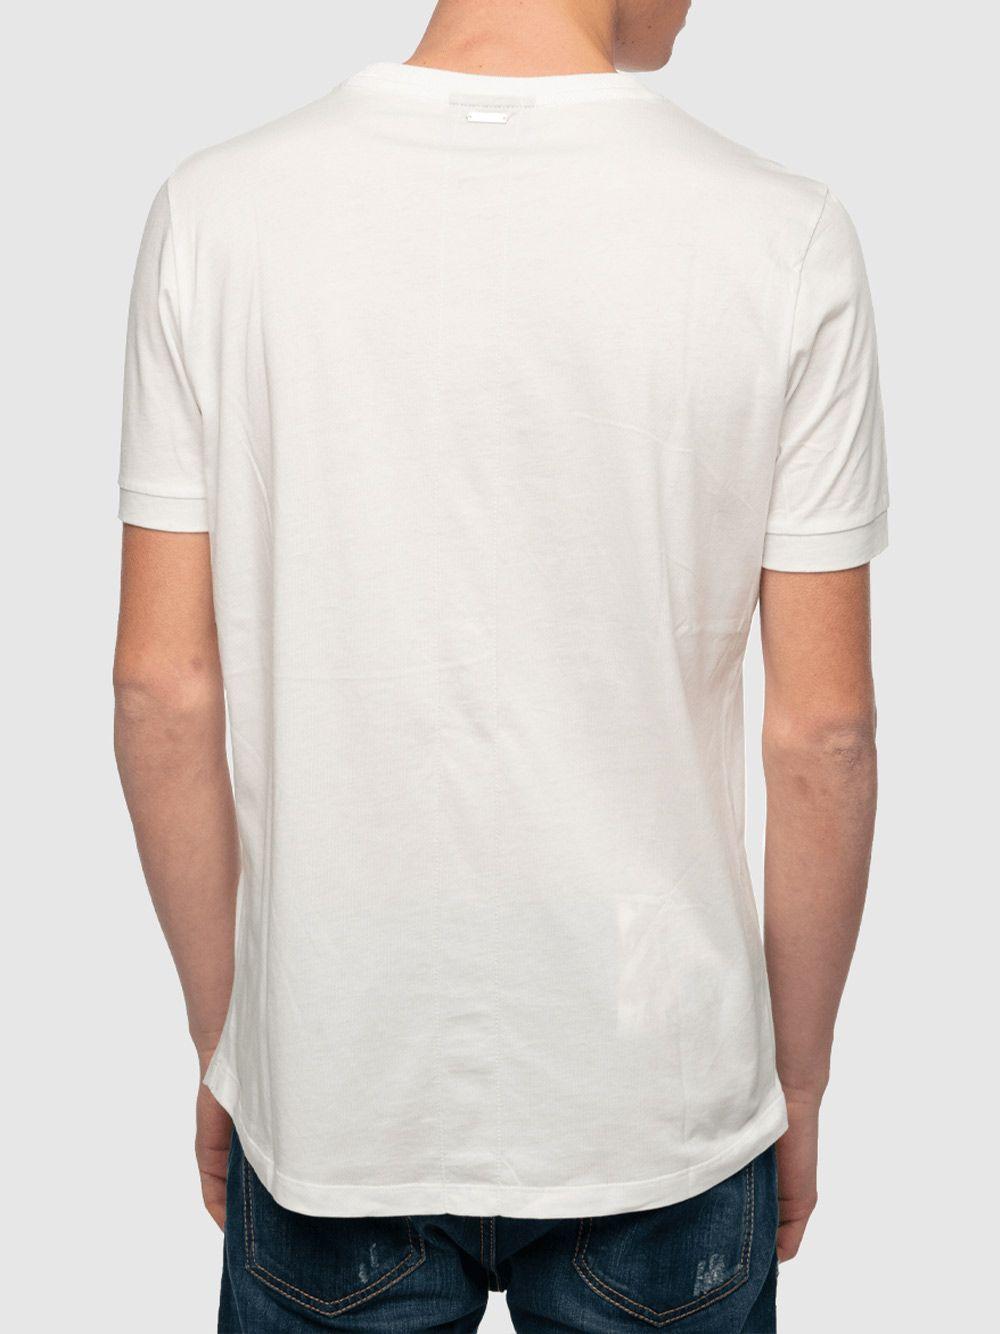 Inimigo Be Brave Be Bold T-Shirt | Inimigo